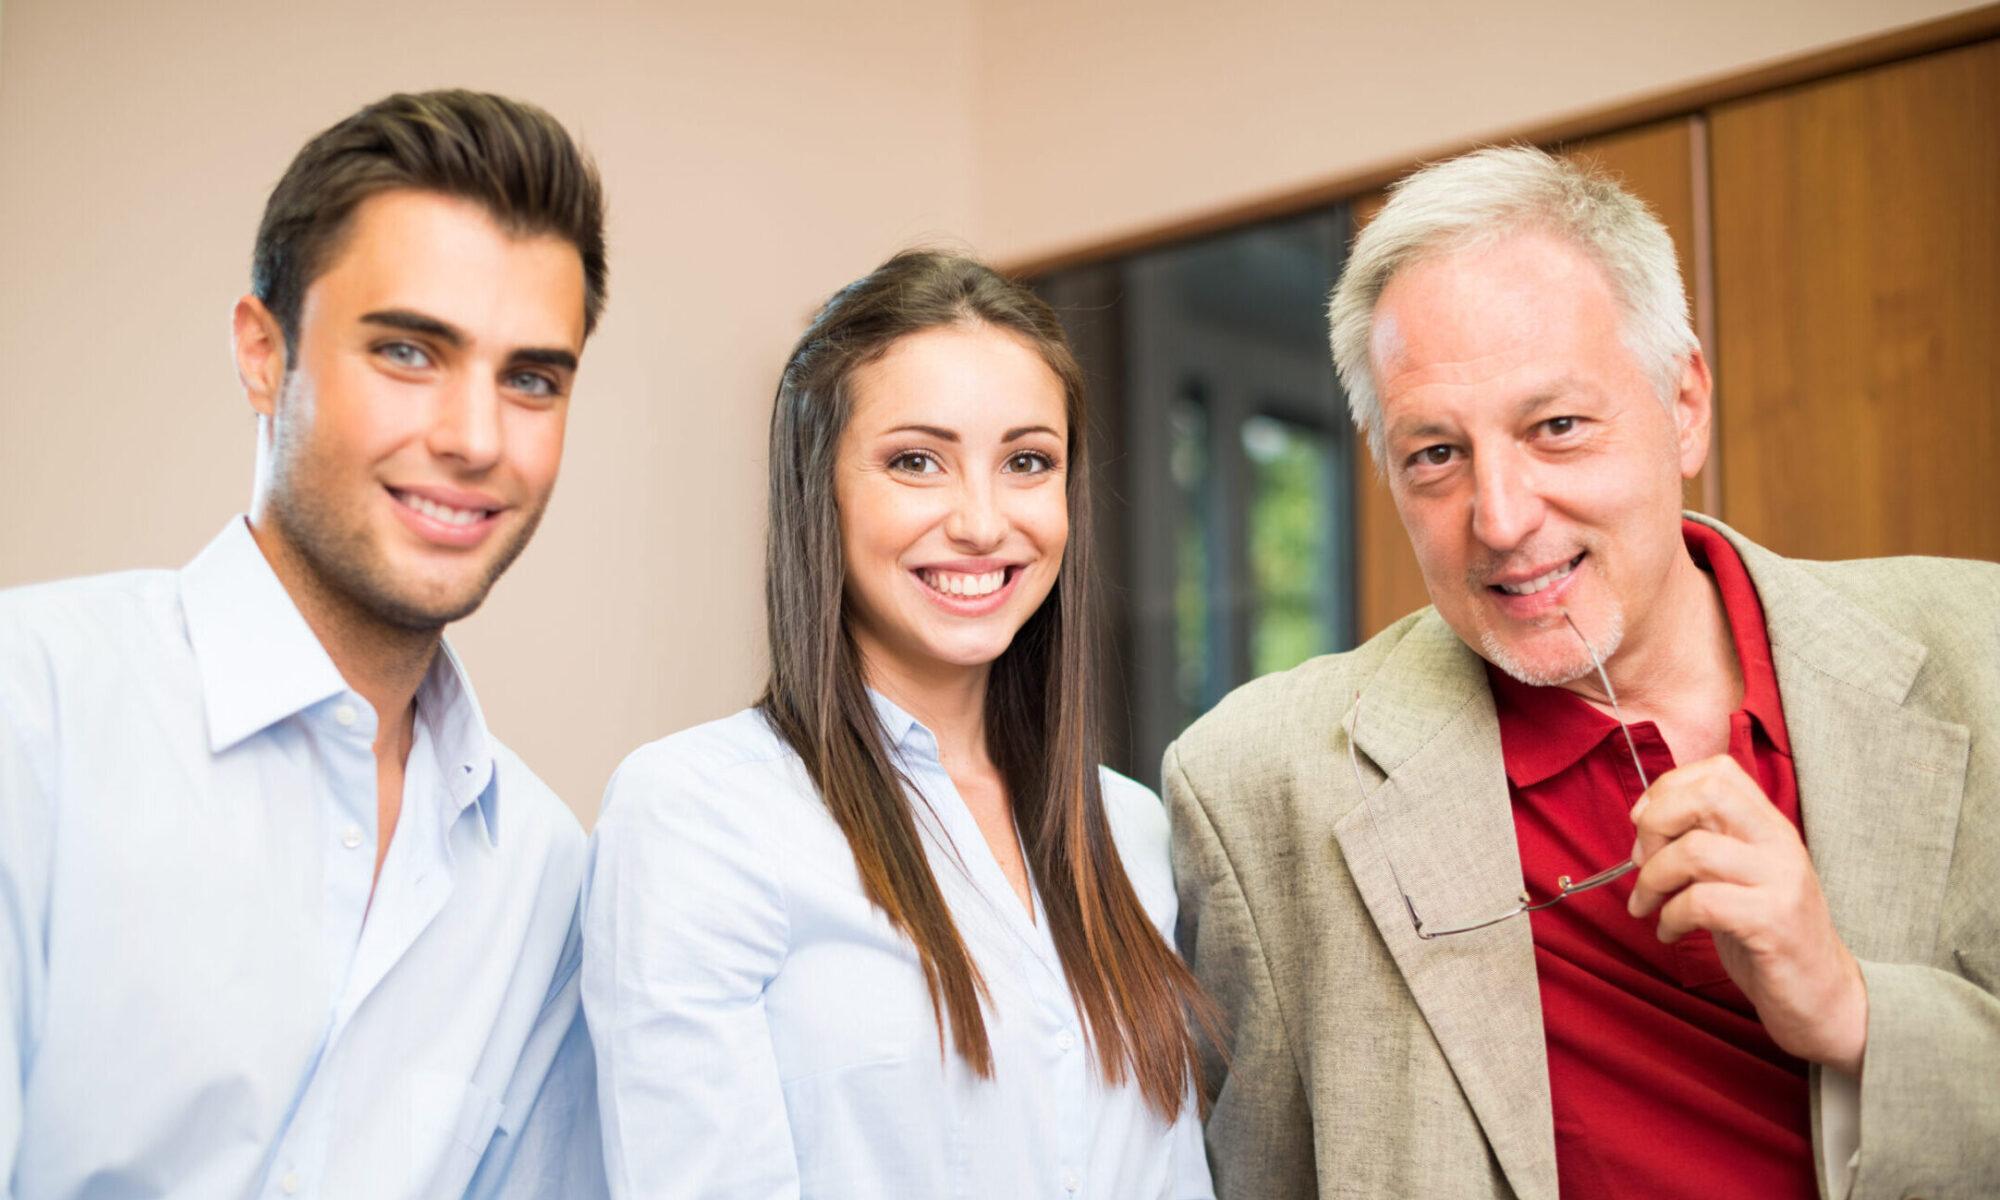 Opvolging familiebedrijven